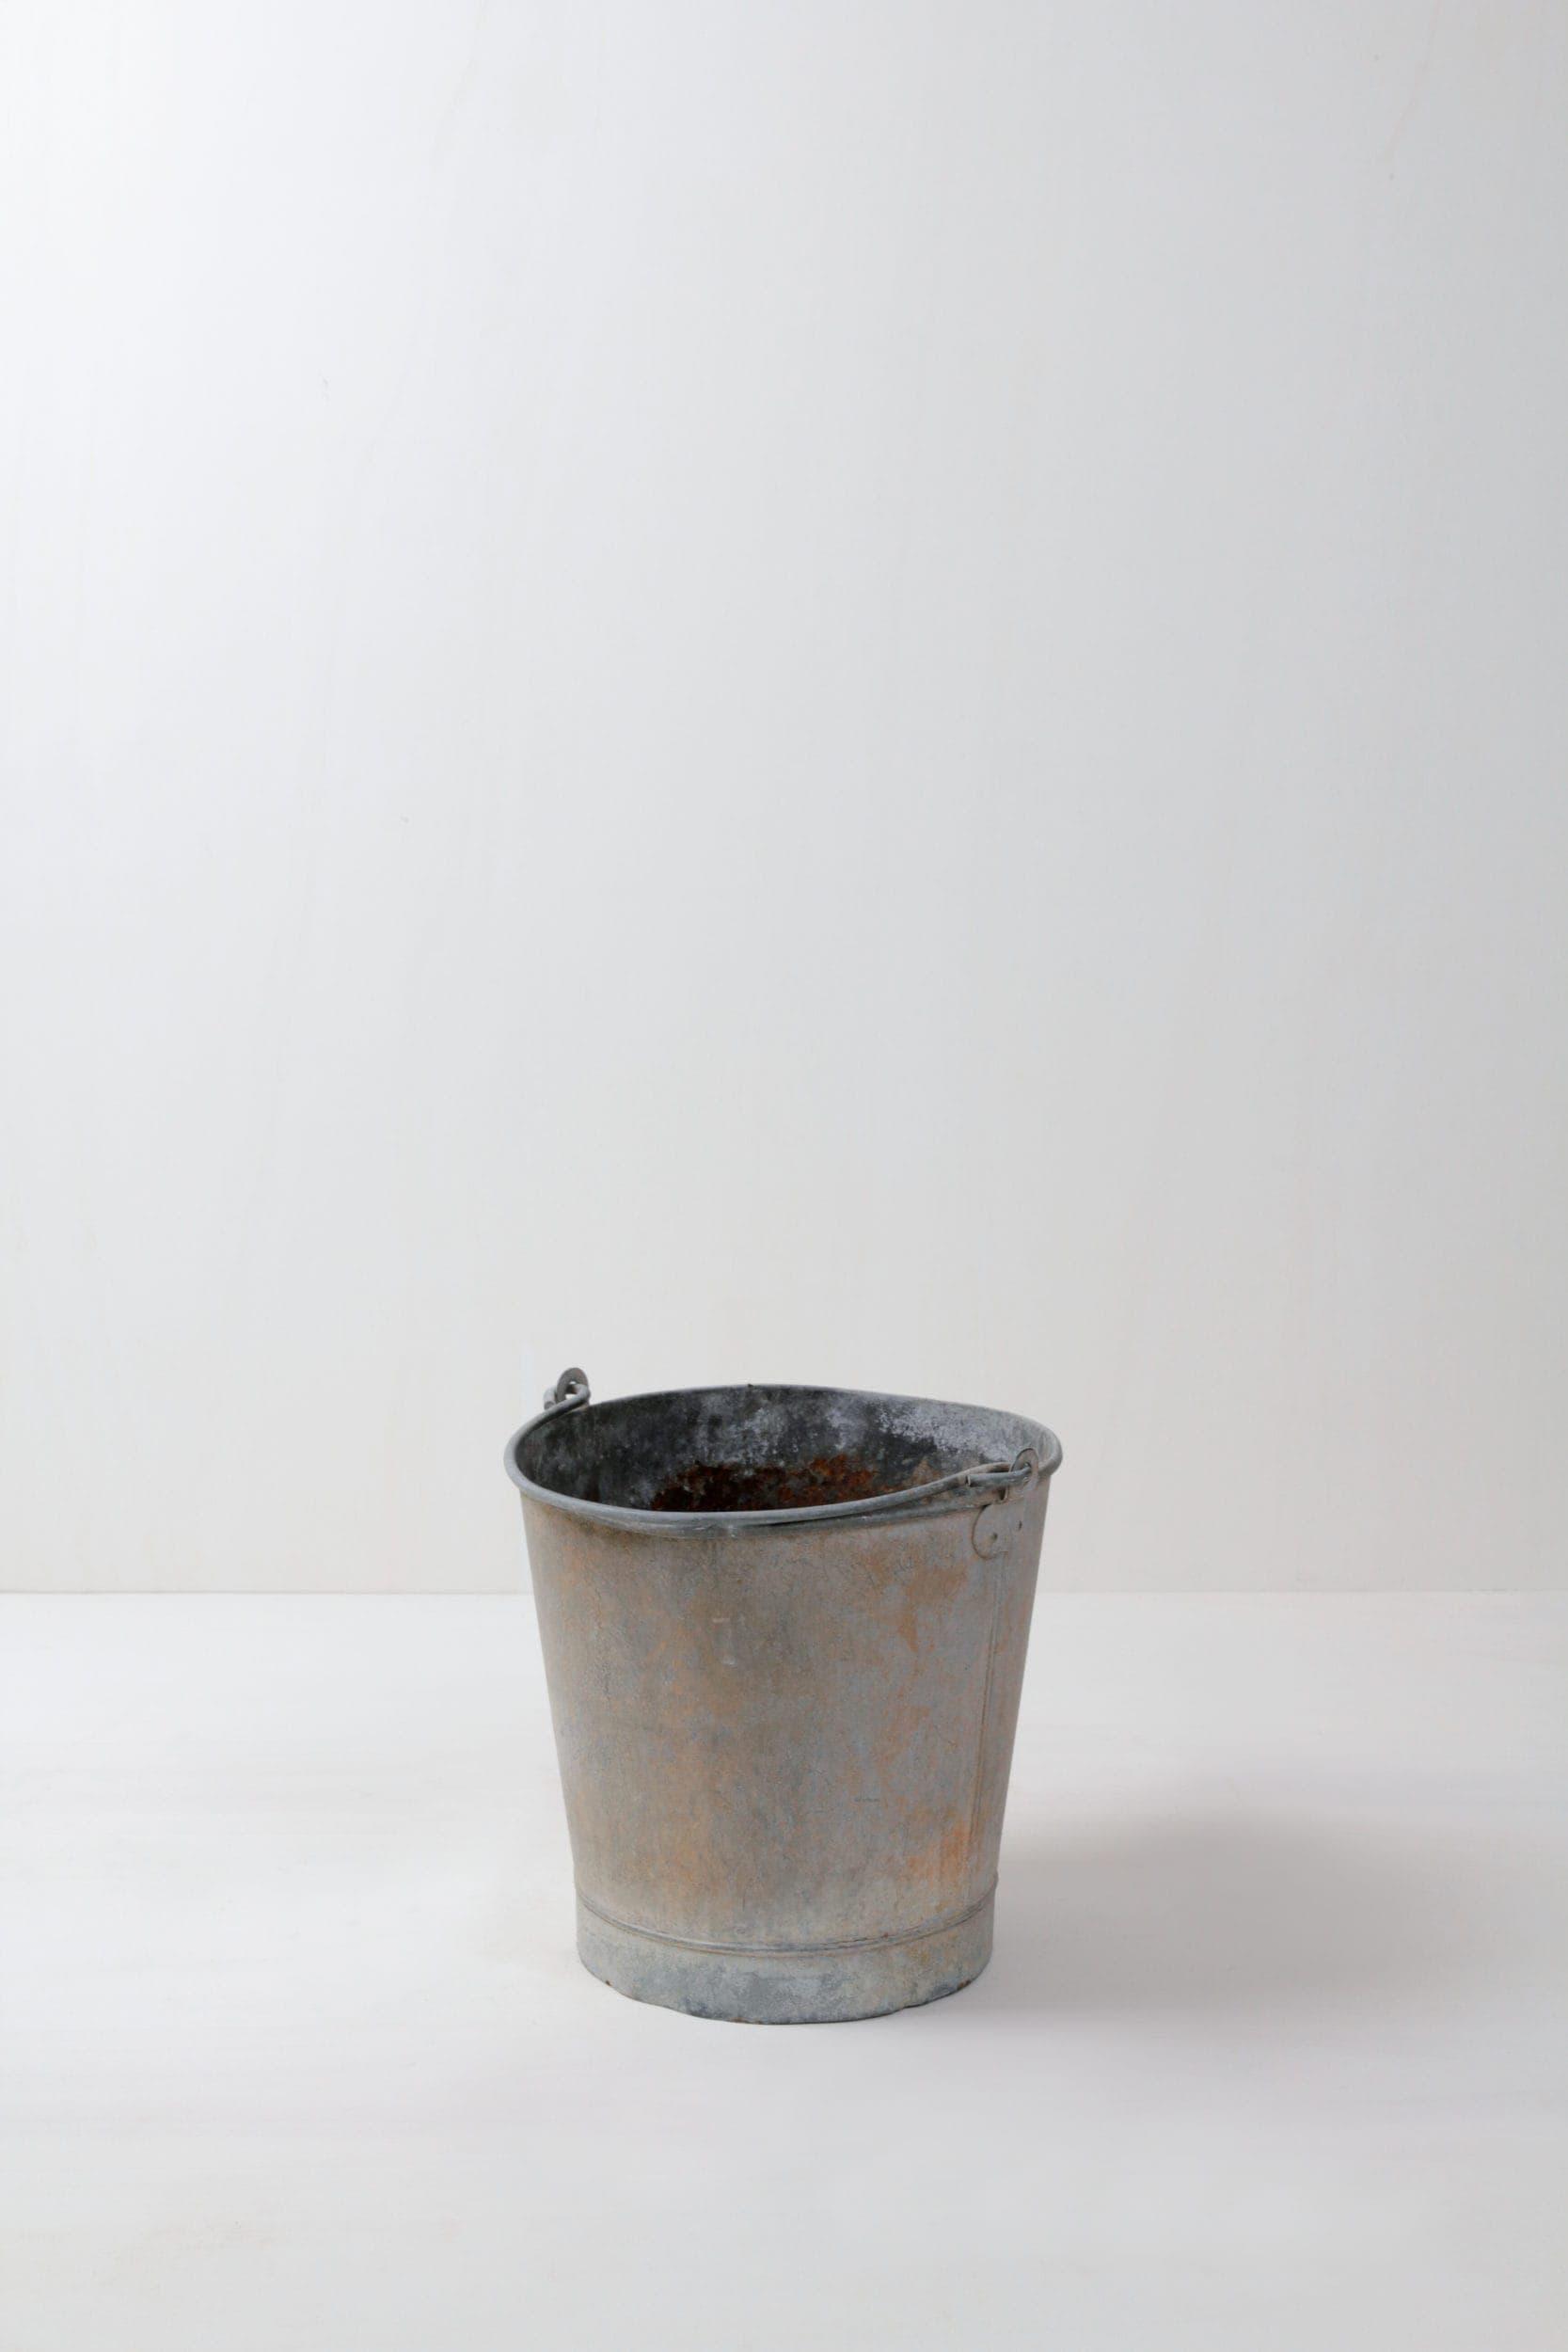 Metalleimer Franco | Authentischer vintage Wassereimer mit echter Patina. | gotvintage Rental & Event Design